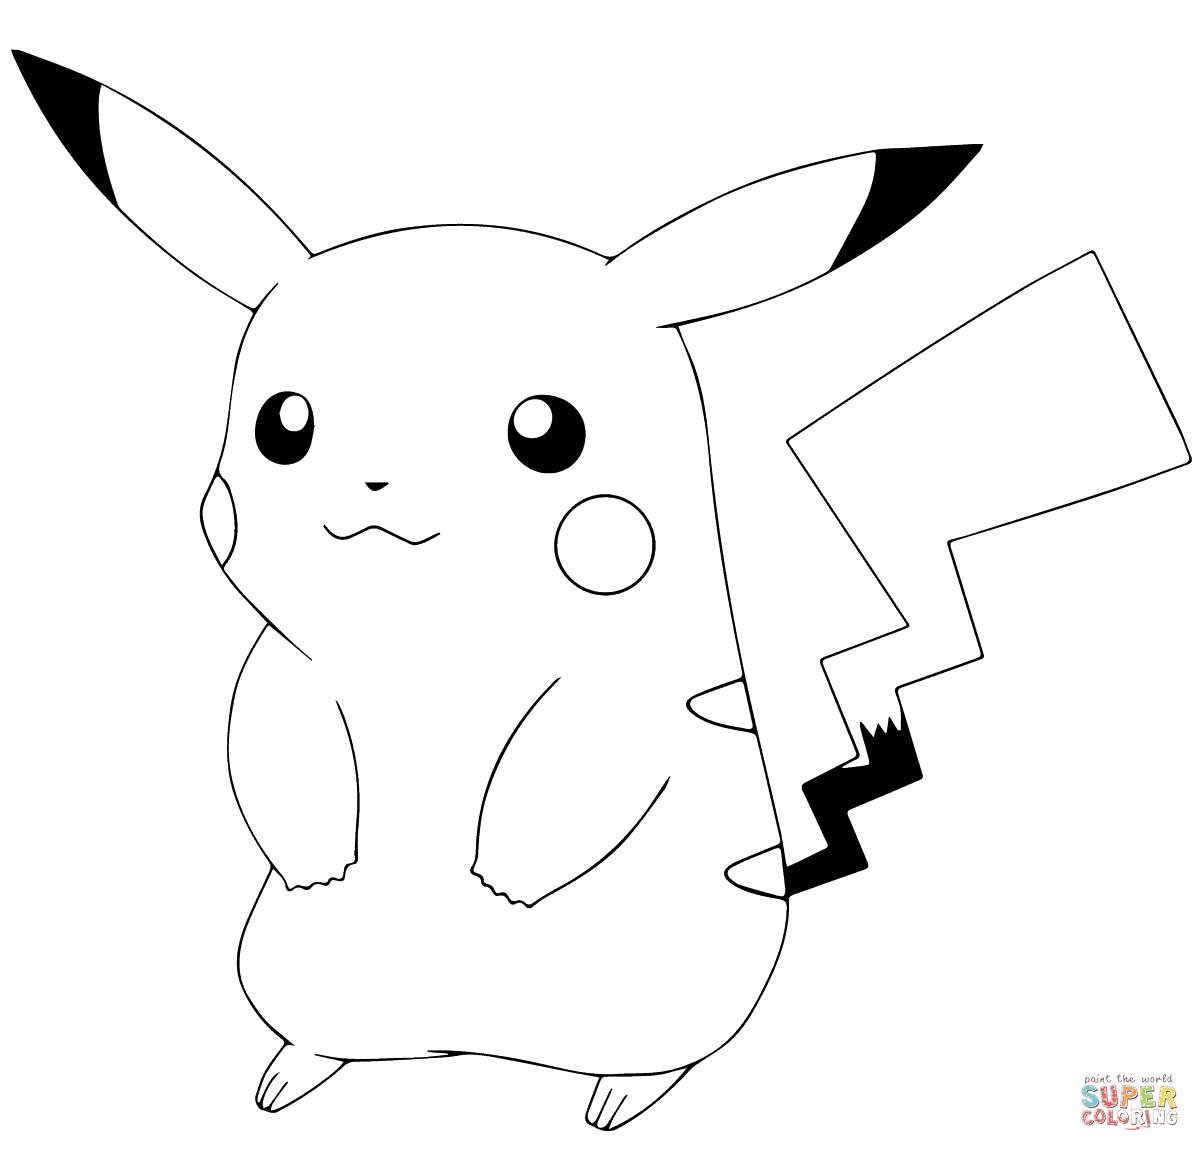 Pokémon GO Pikachu coloring page from Pokémon GO category